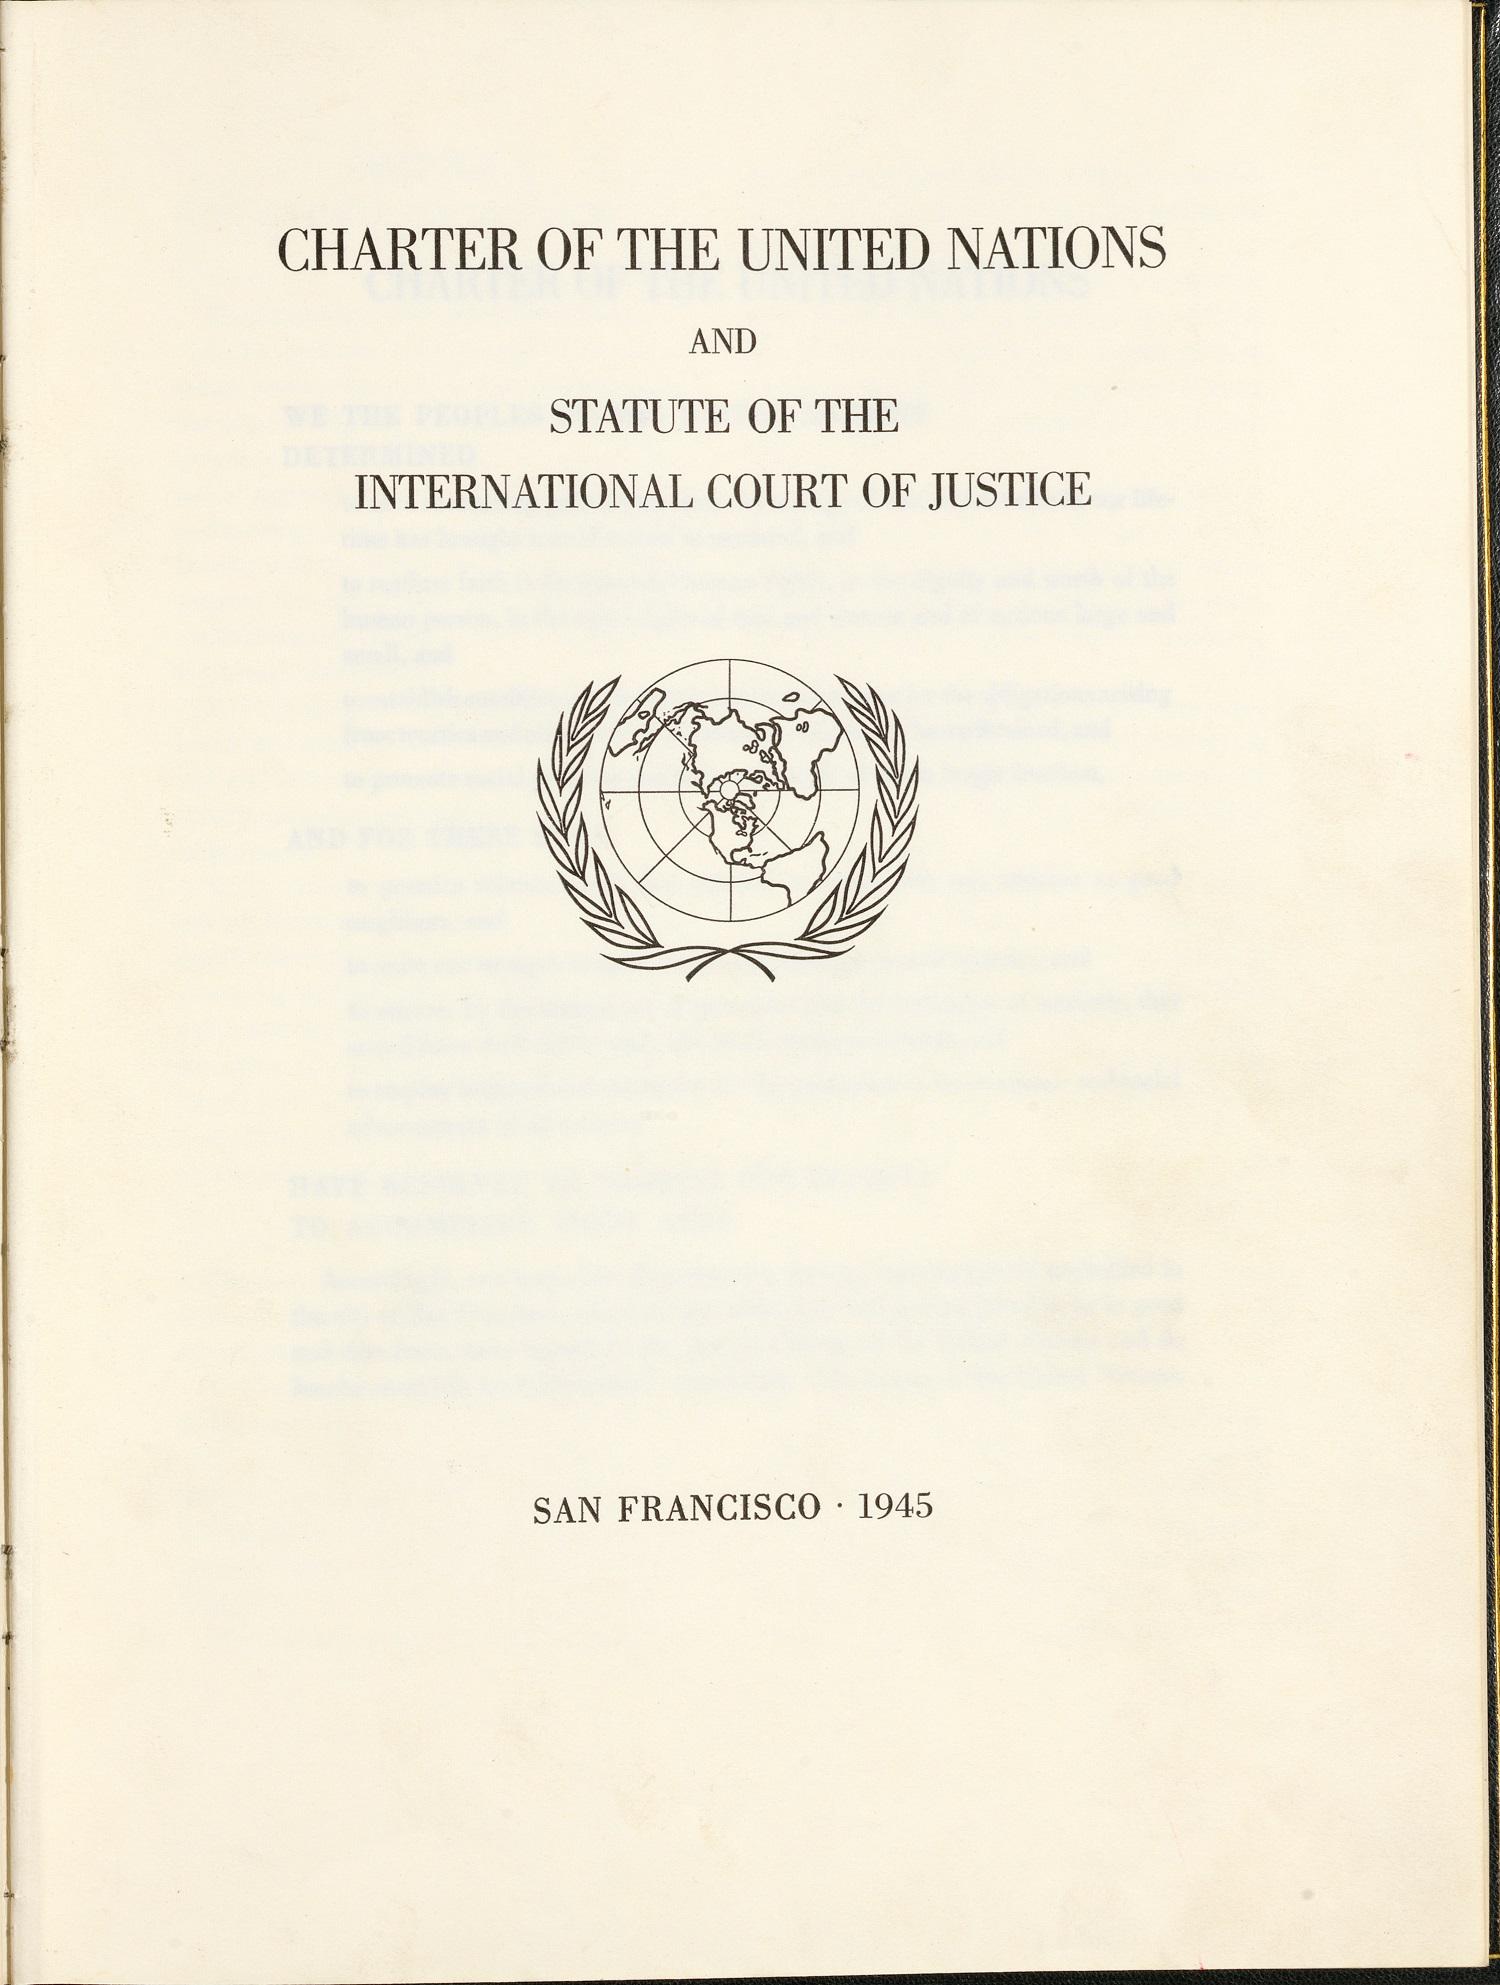 UN Charter.Title